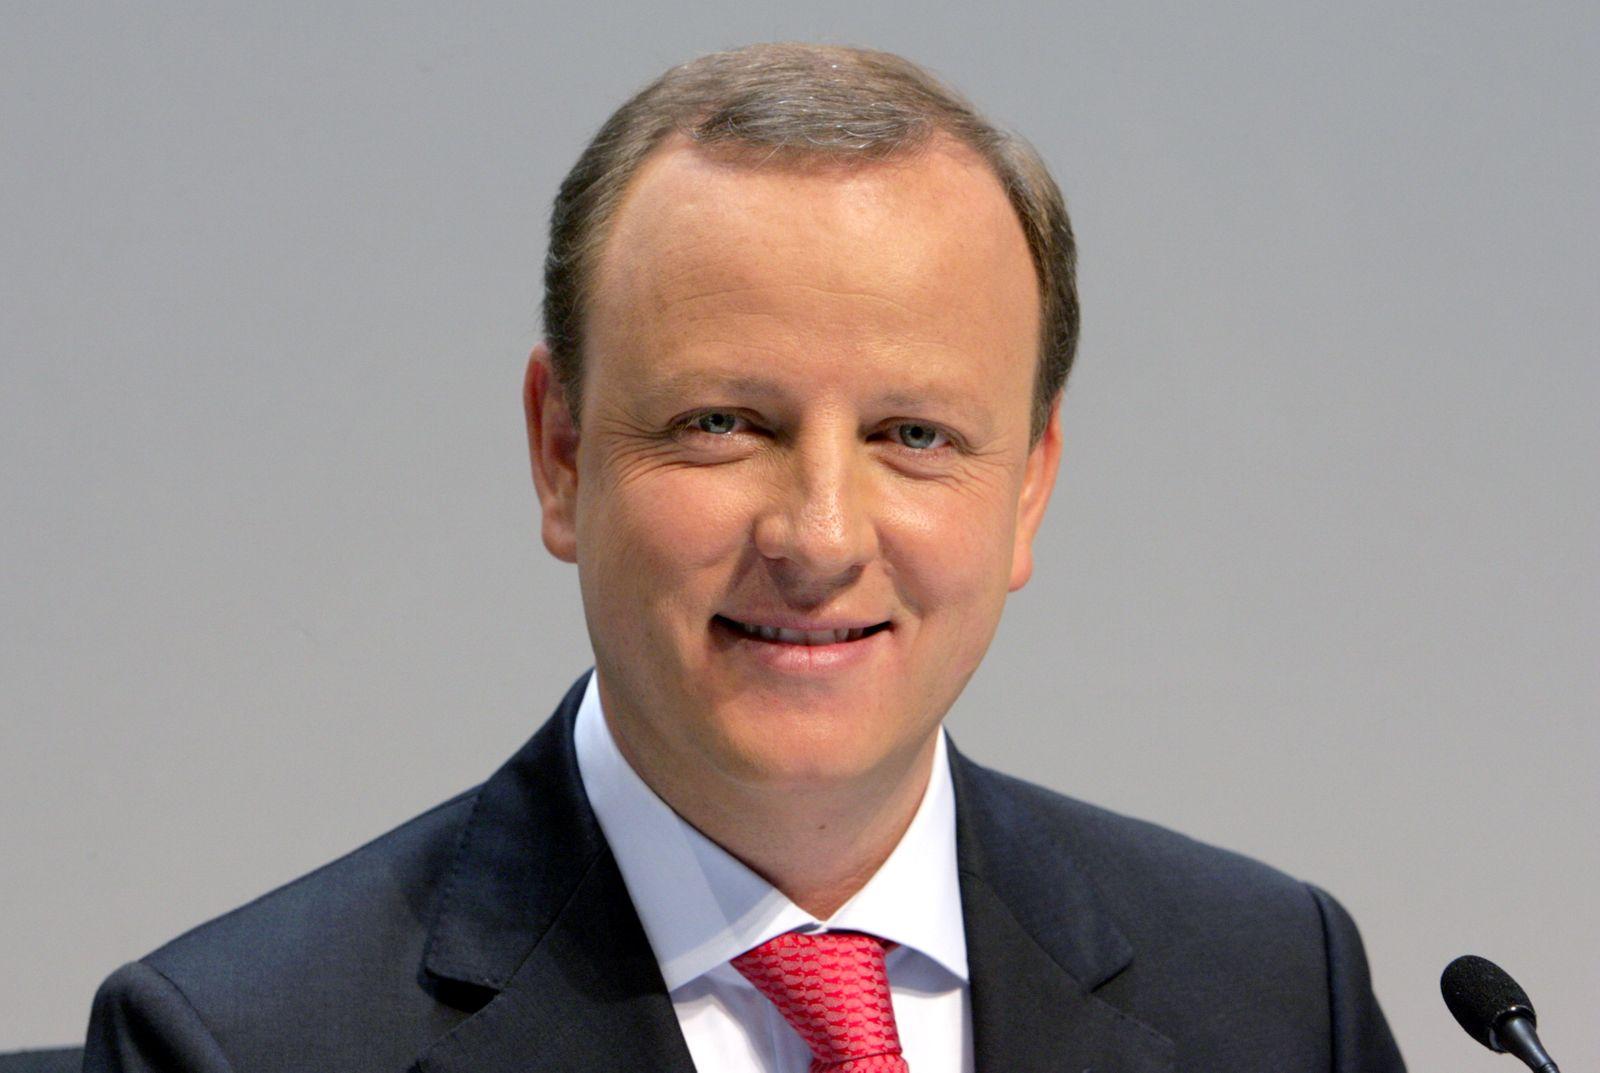 Stefan Krause / Vorstandsmitglied Deutsche Bank